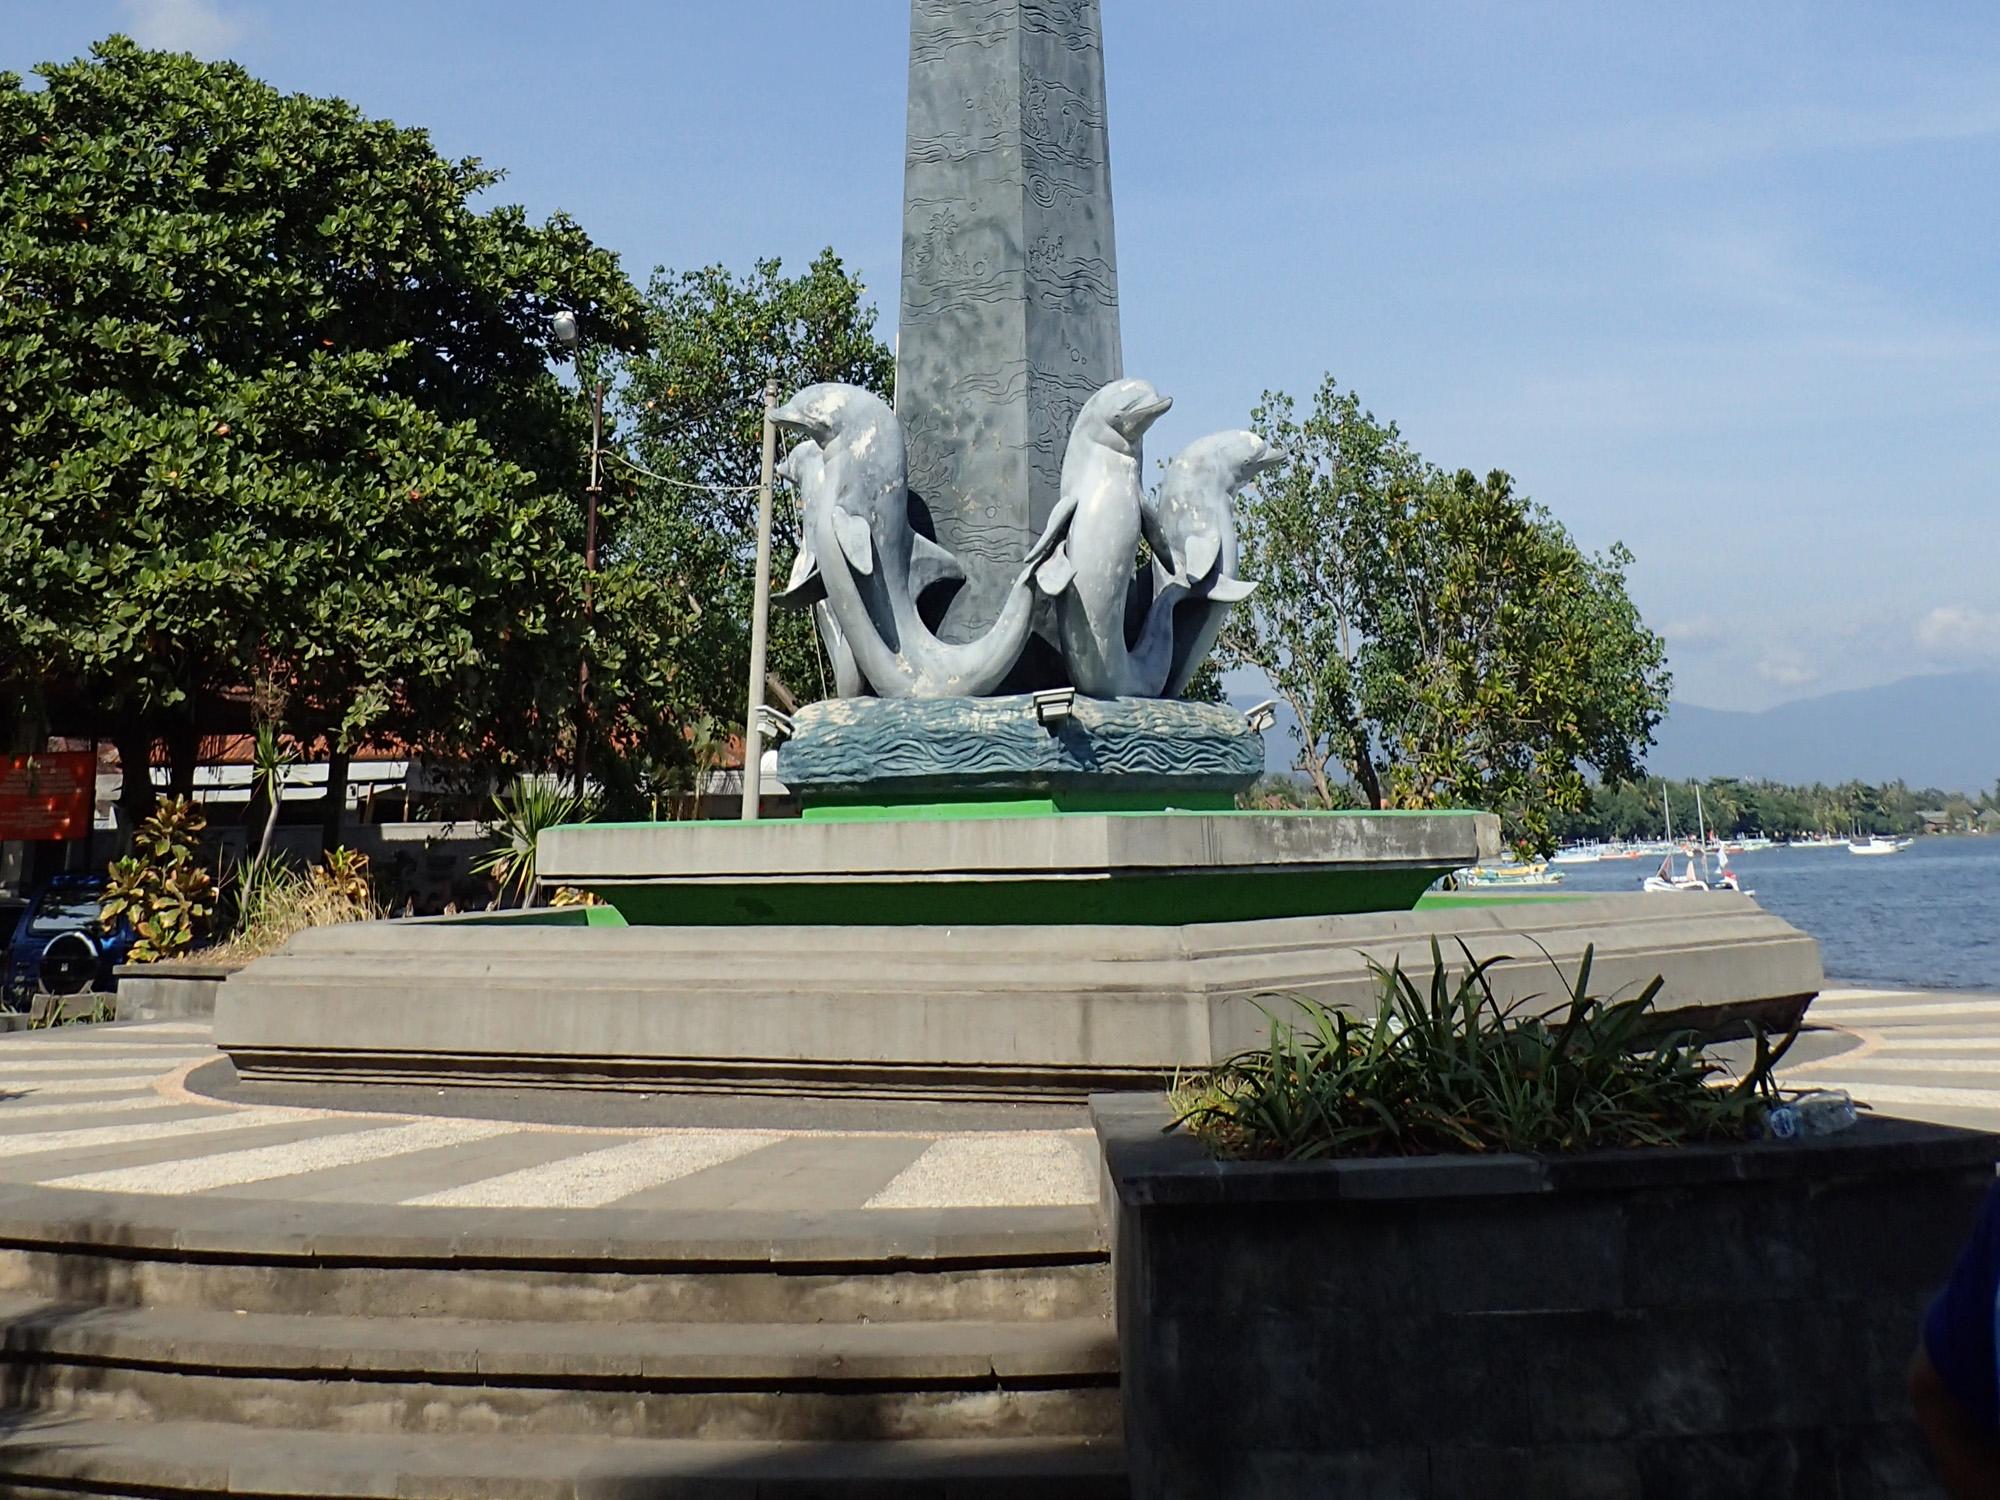 Tugu Lovina - Lovina Dolphin Snorkeling Tour - Bali Tour Packages, YOEXPLORE